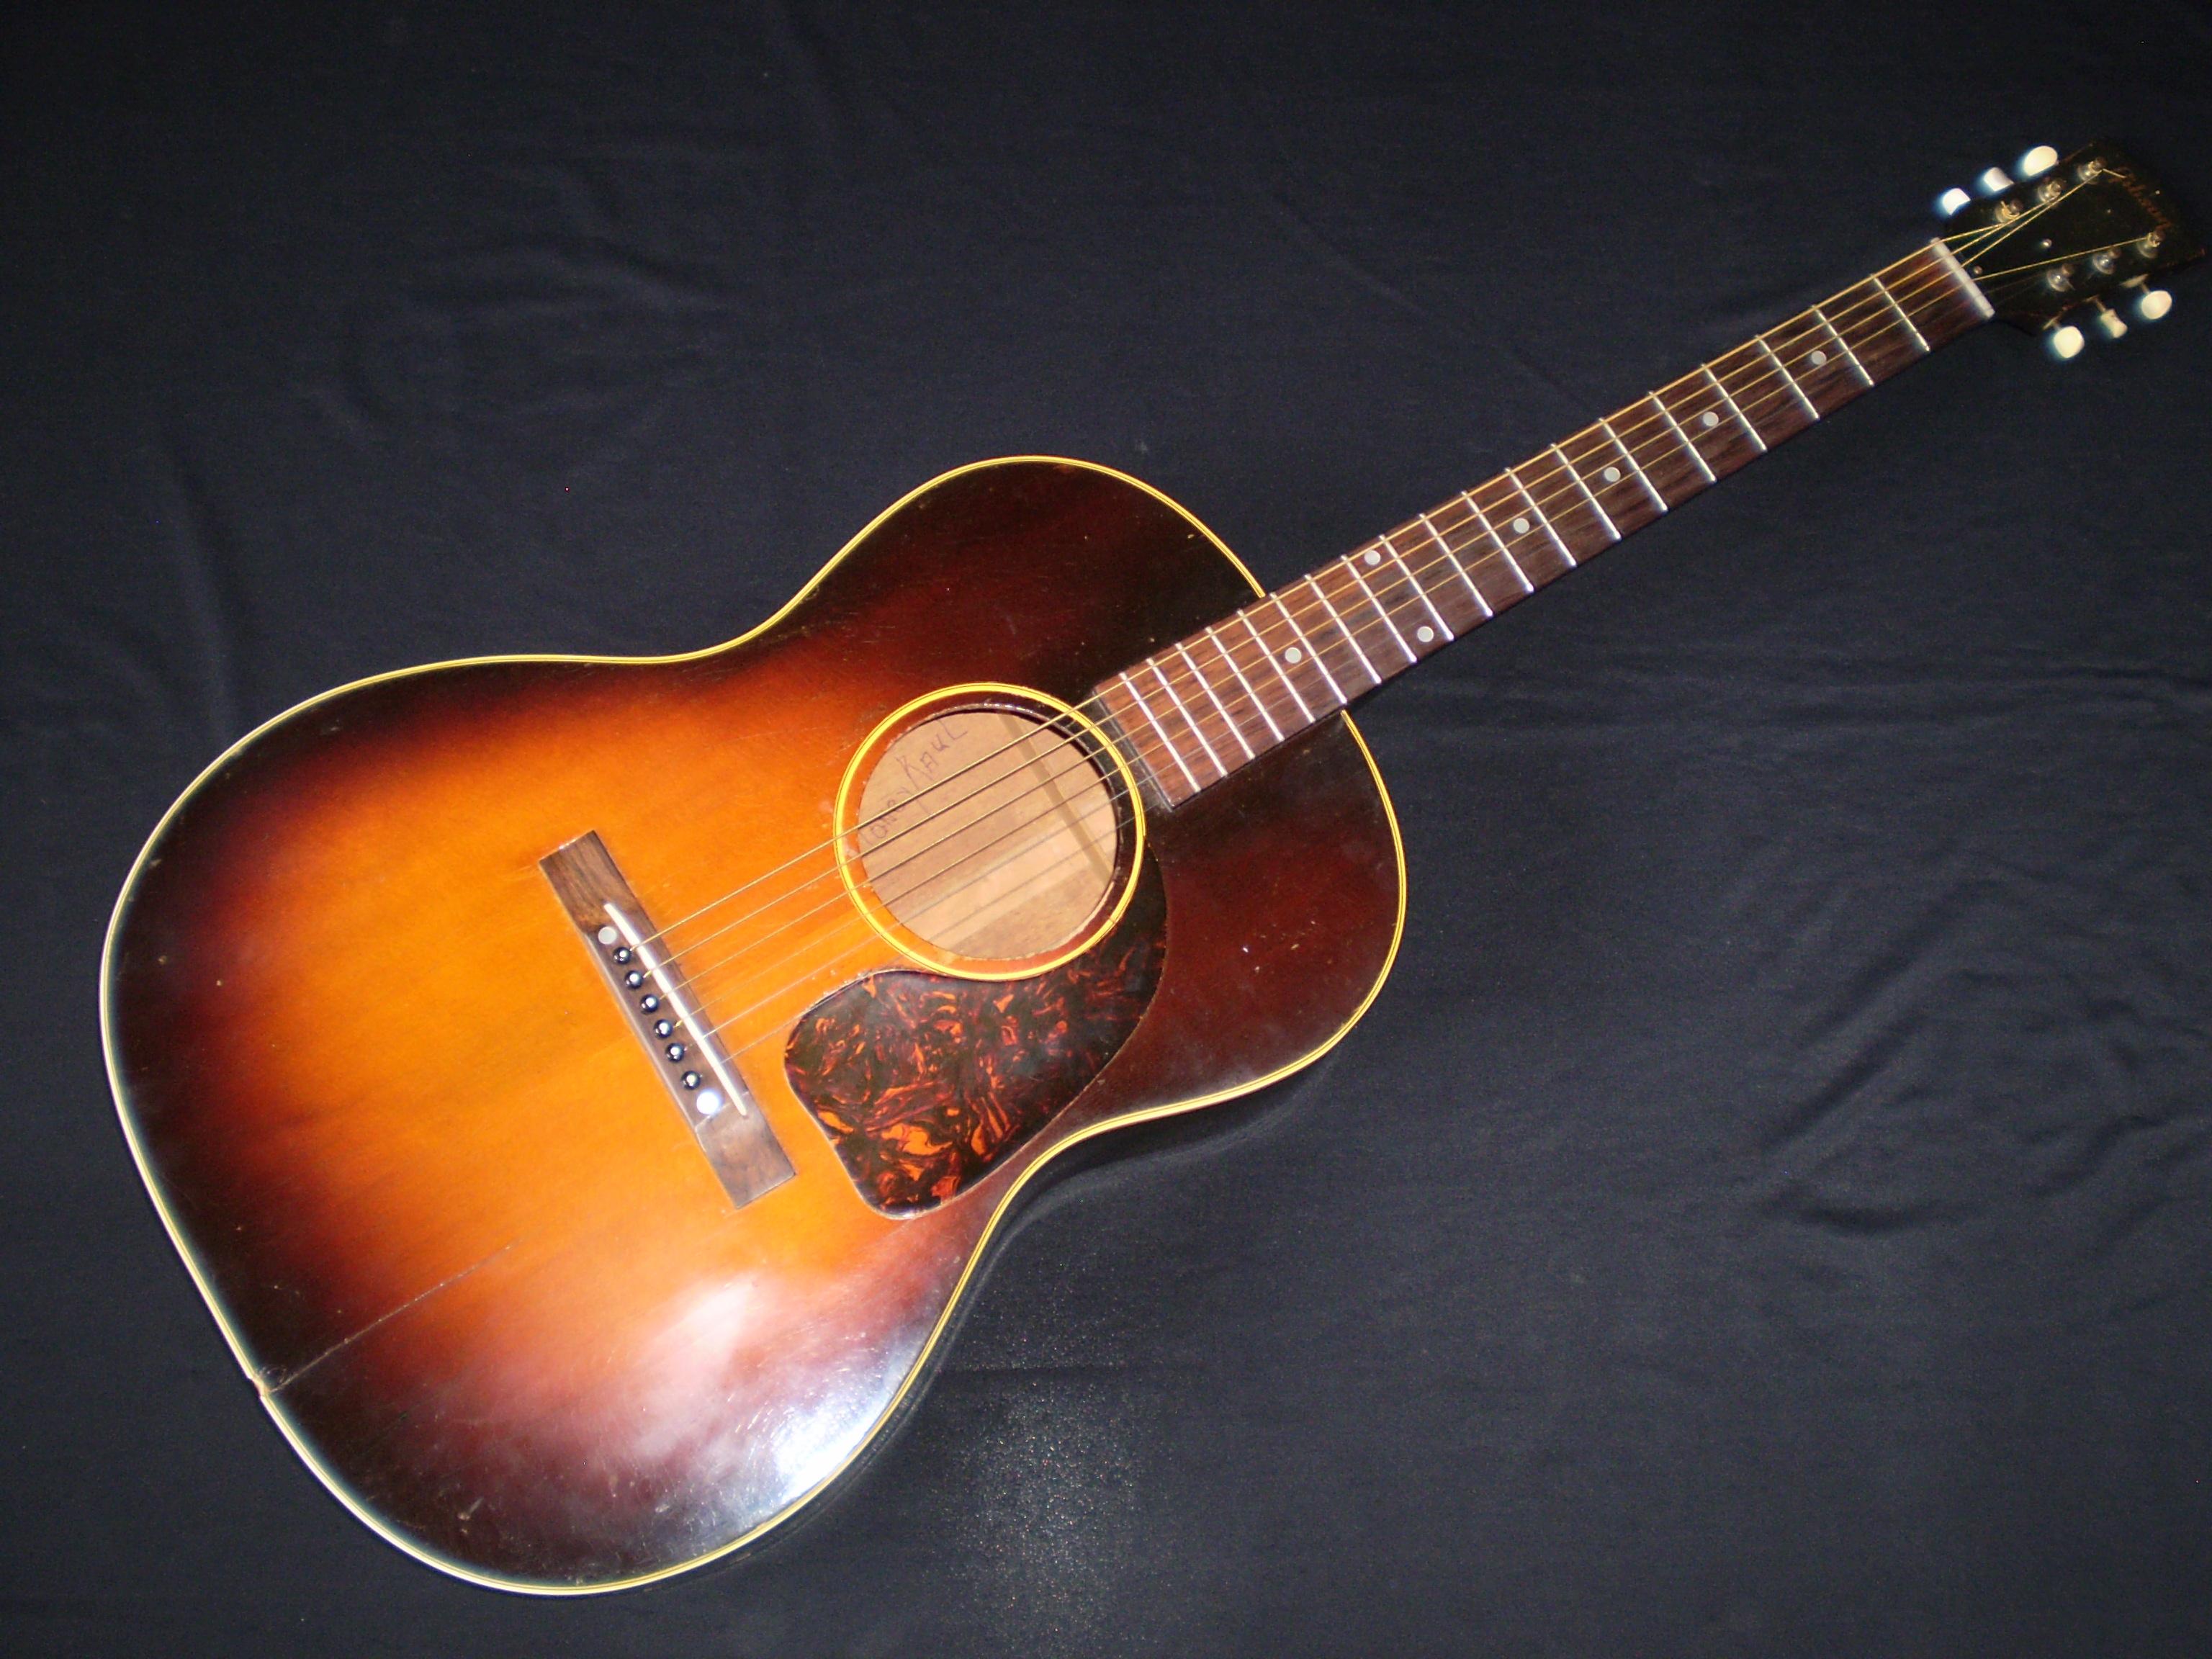 gibson lg2 1951 sunburst guitar for sale glenns guitars. Black Bedroom Furniture Sets. Home Design Ideas